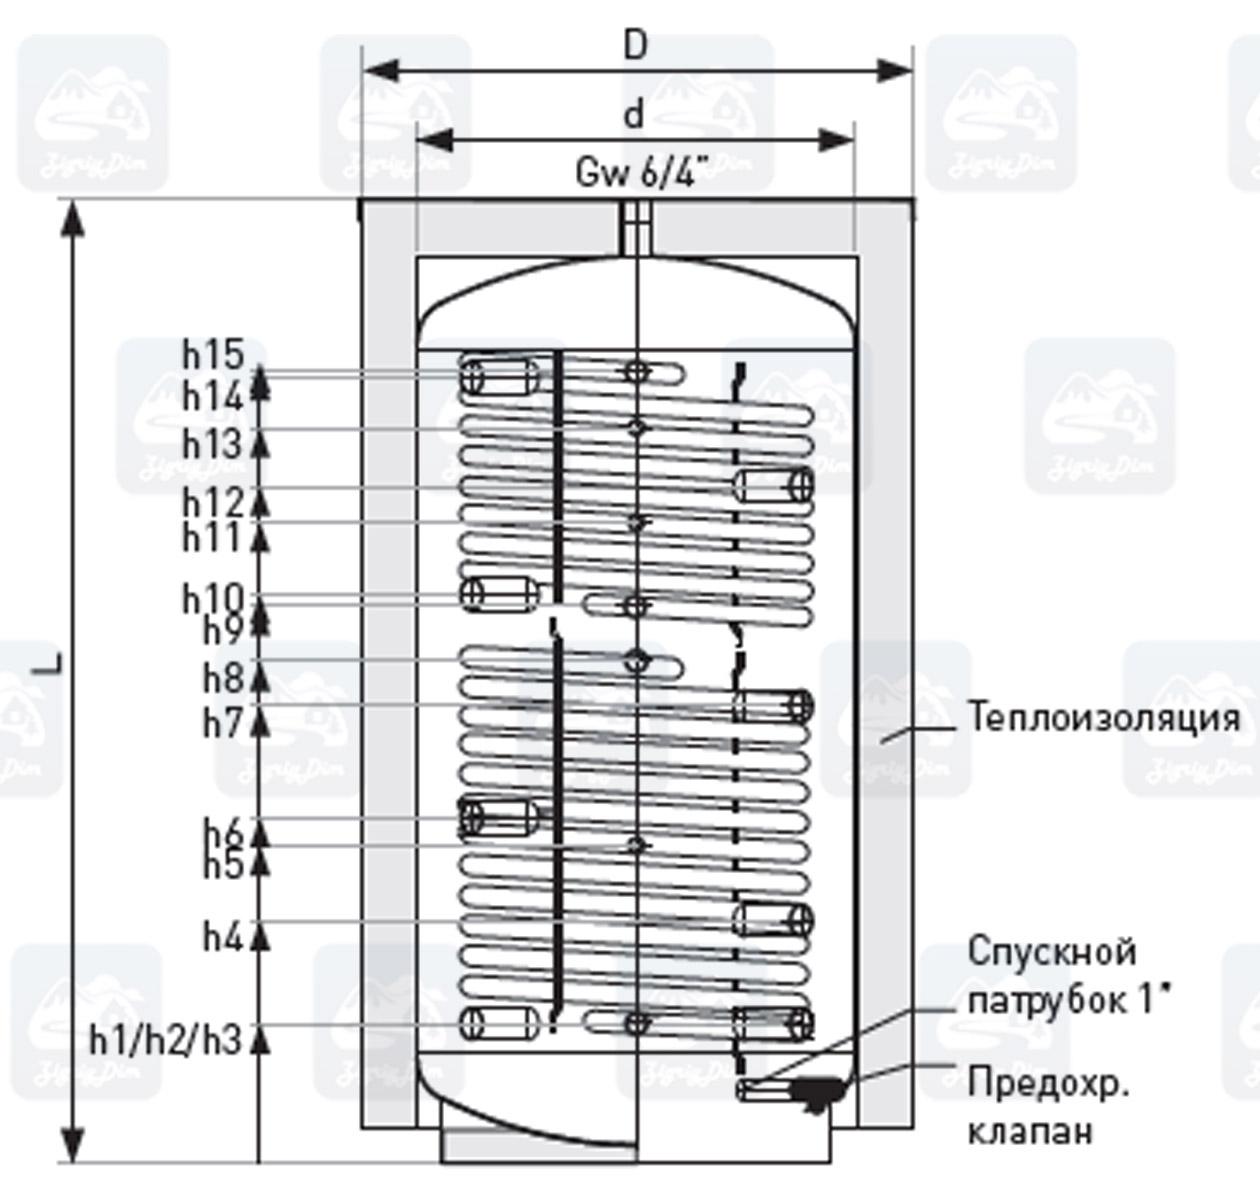 Схема теплоаккумулятора Galmet-Bufor-SG(B) 2W